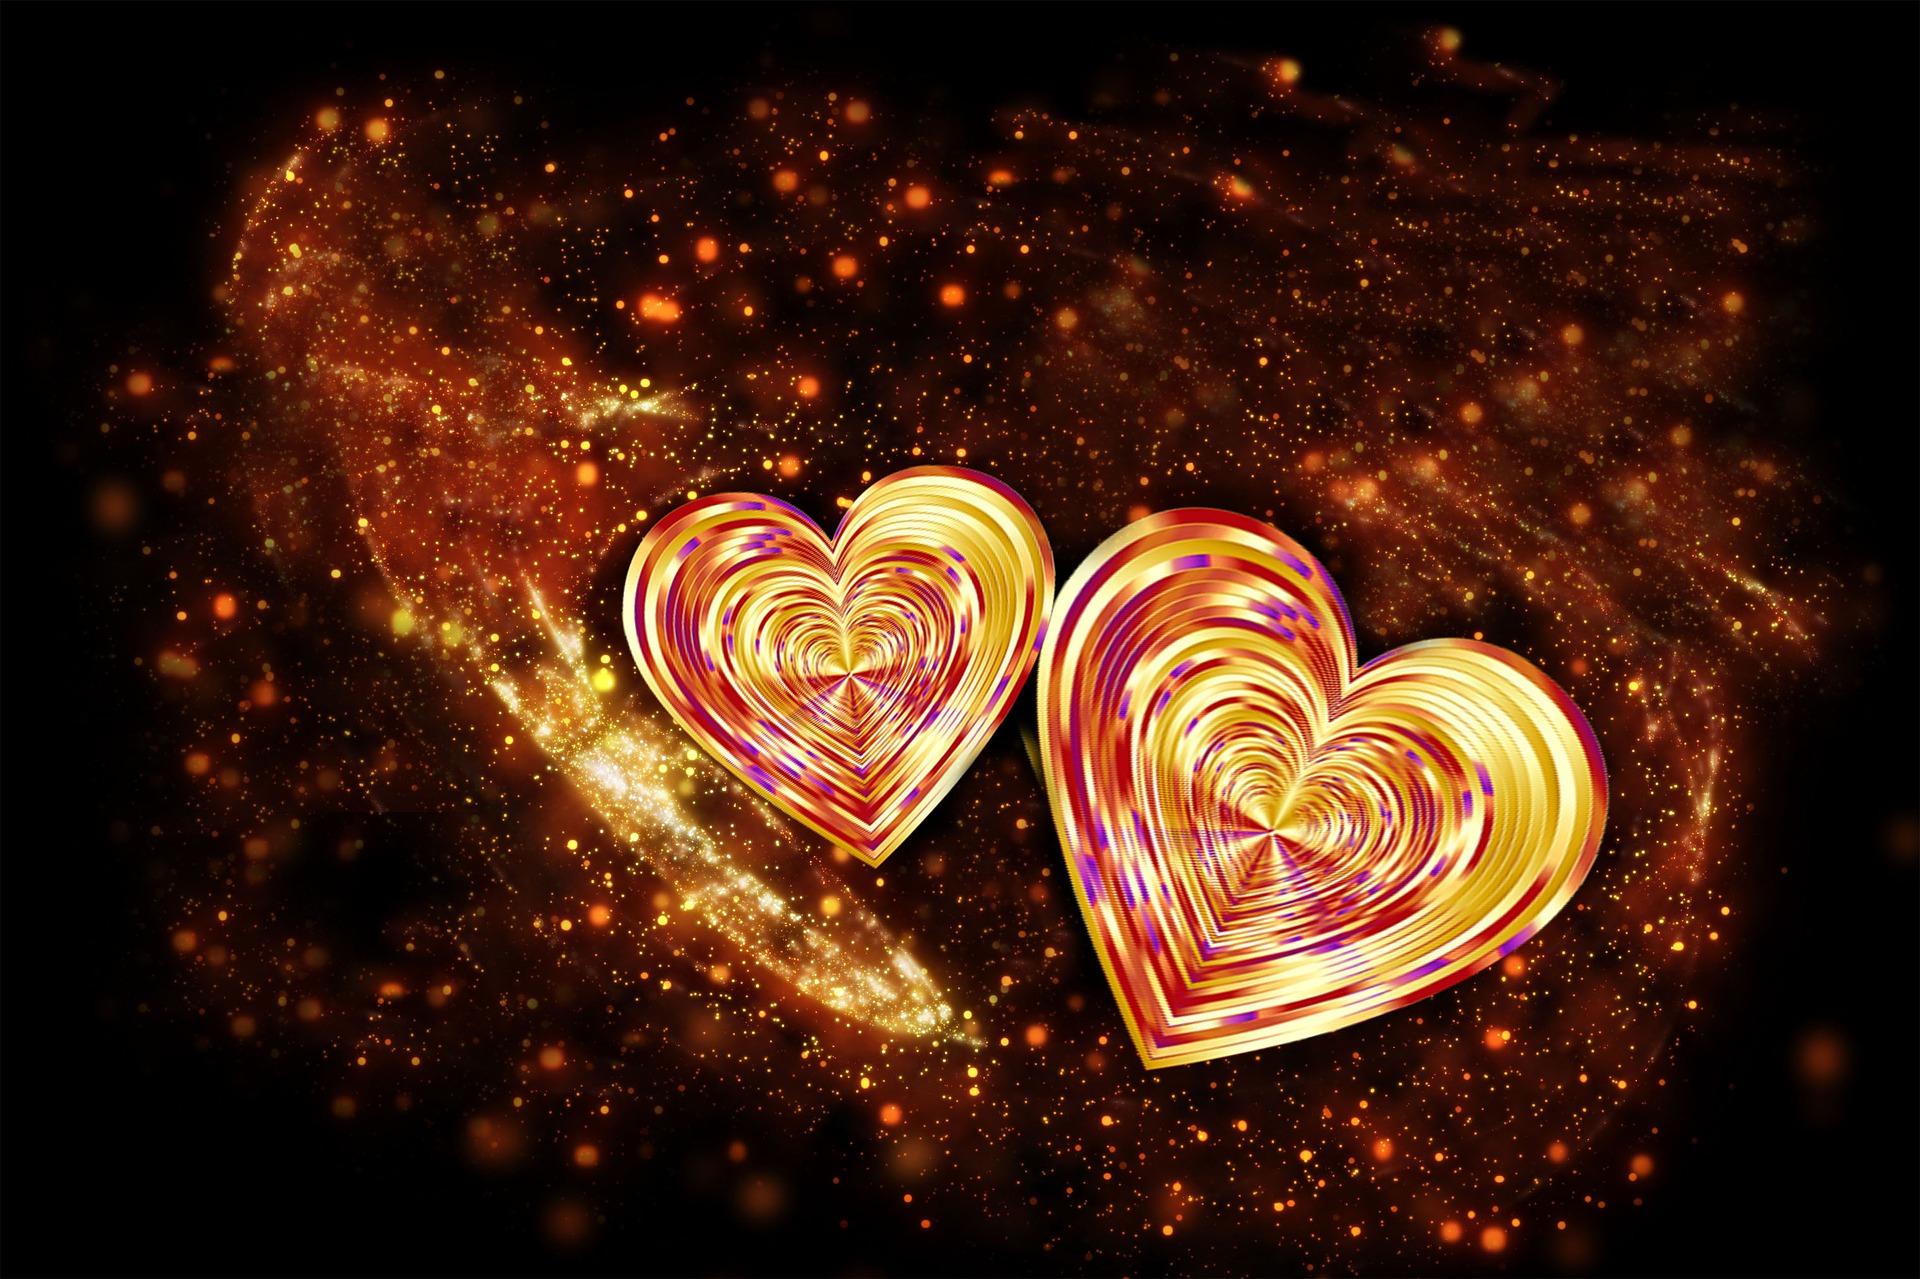 heart-1921512_1920.jpg